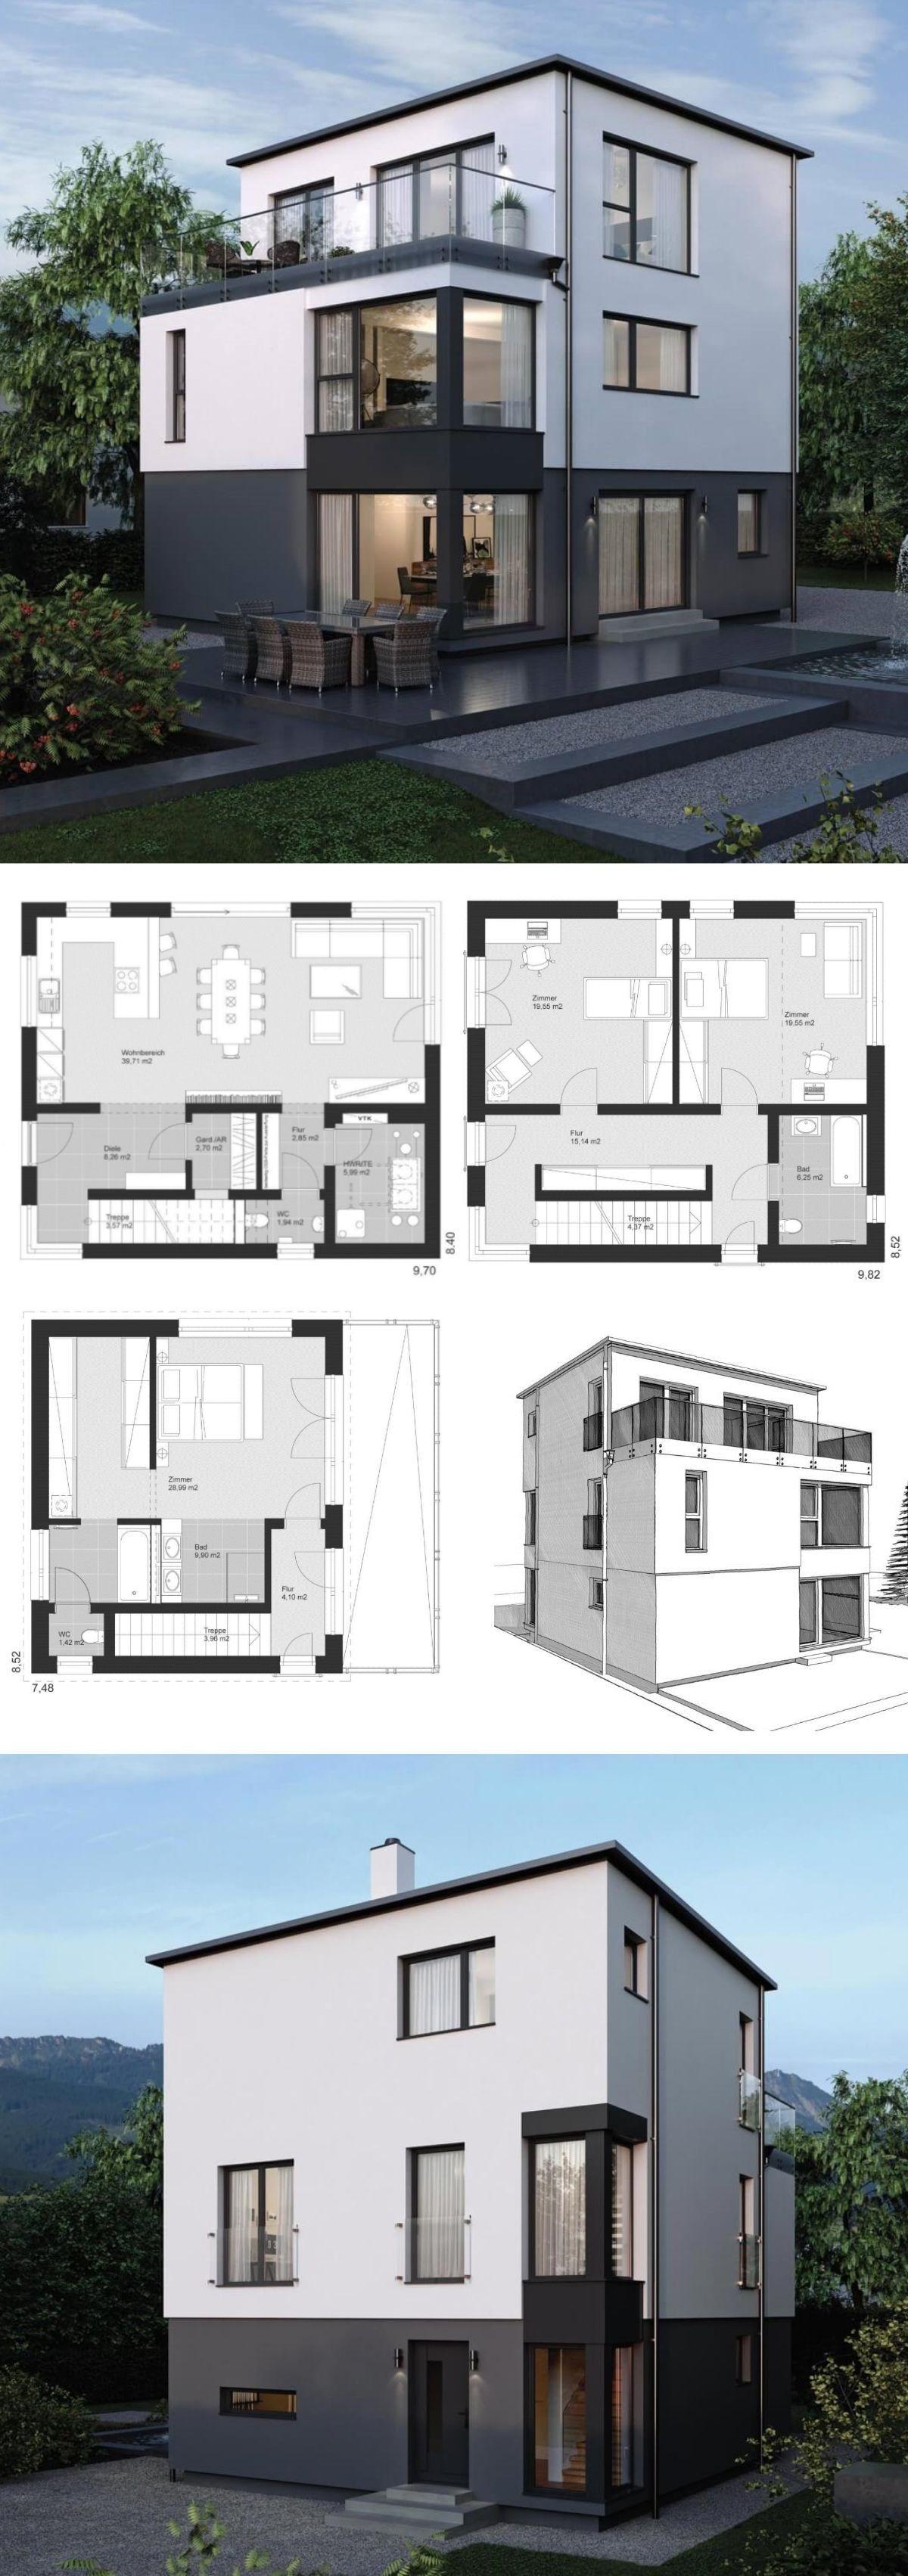 Einfamilienhaus Neubau modern mit Flachdach Architektur & 3 ...